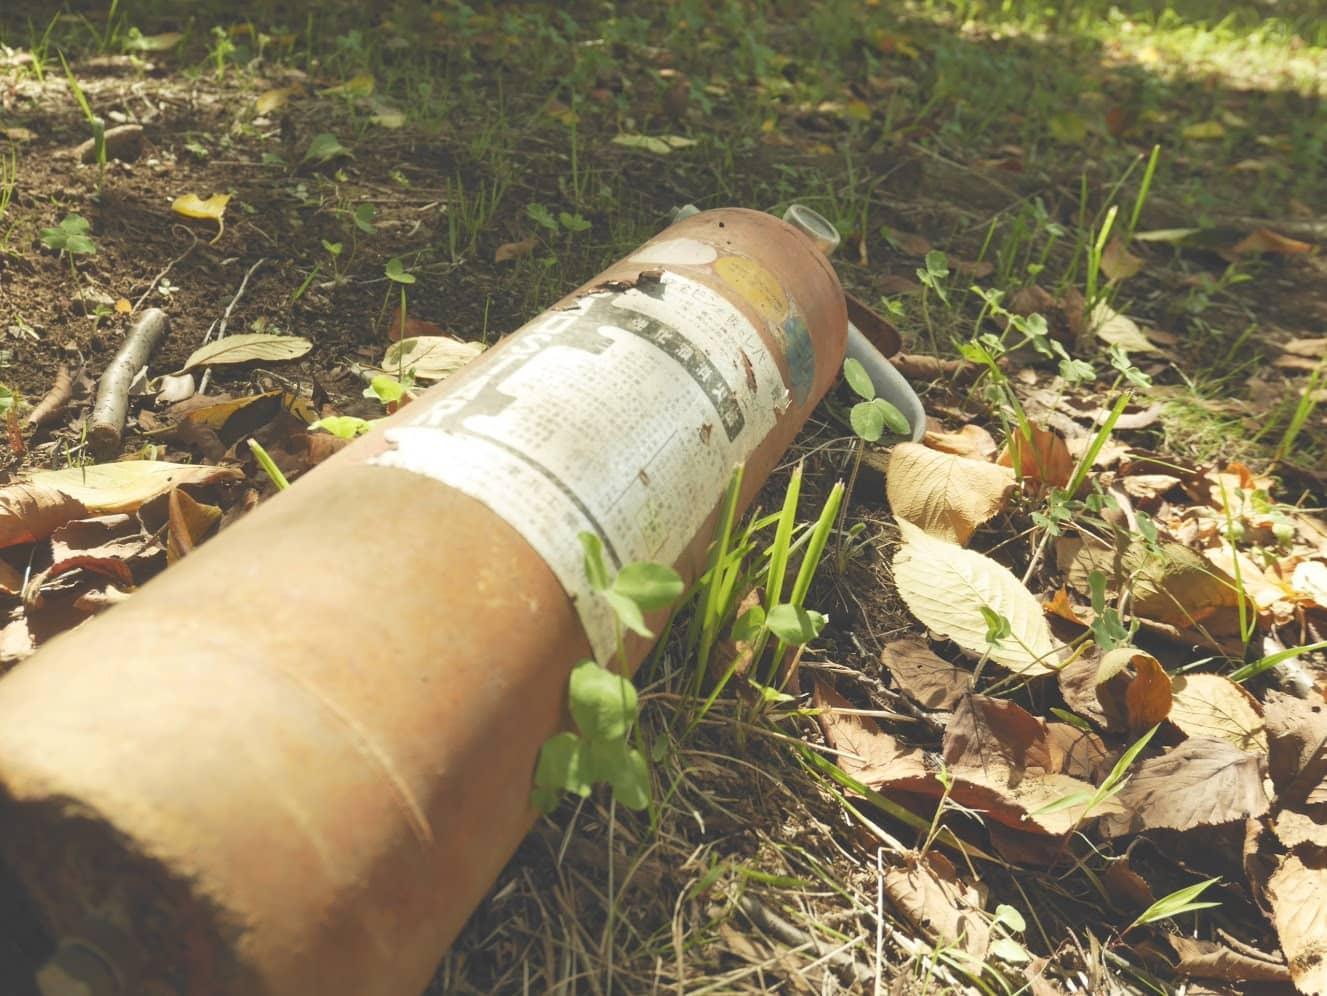 自然公園に放置された消火器をGF7の「レトロ」エフェクトで撮影しました。